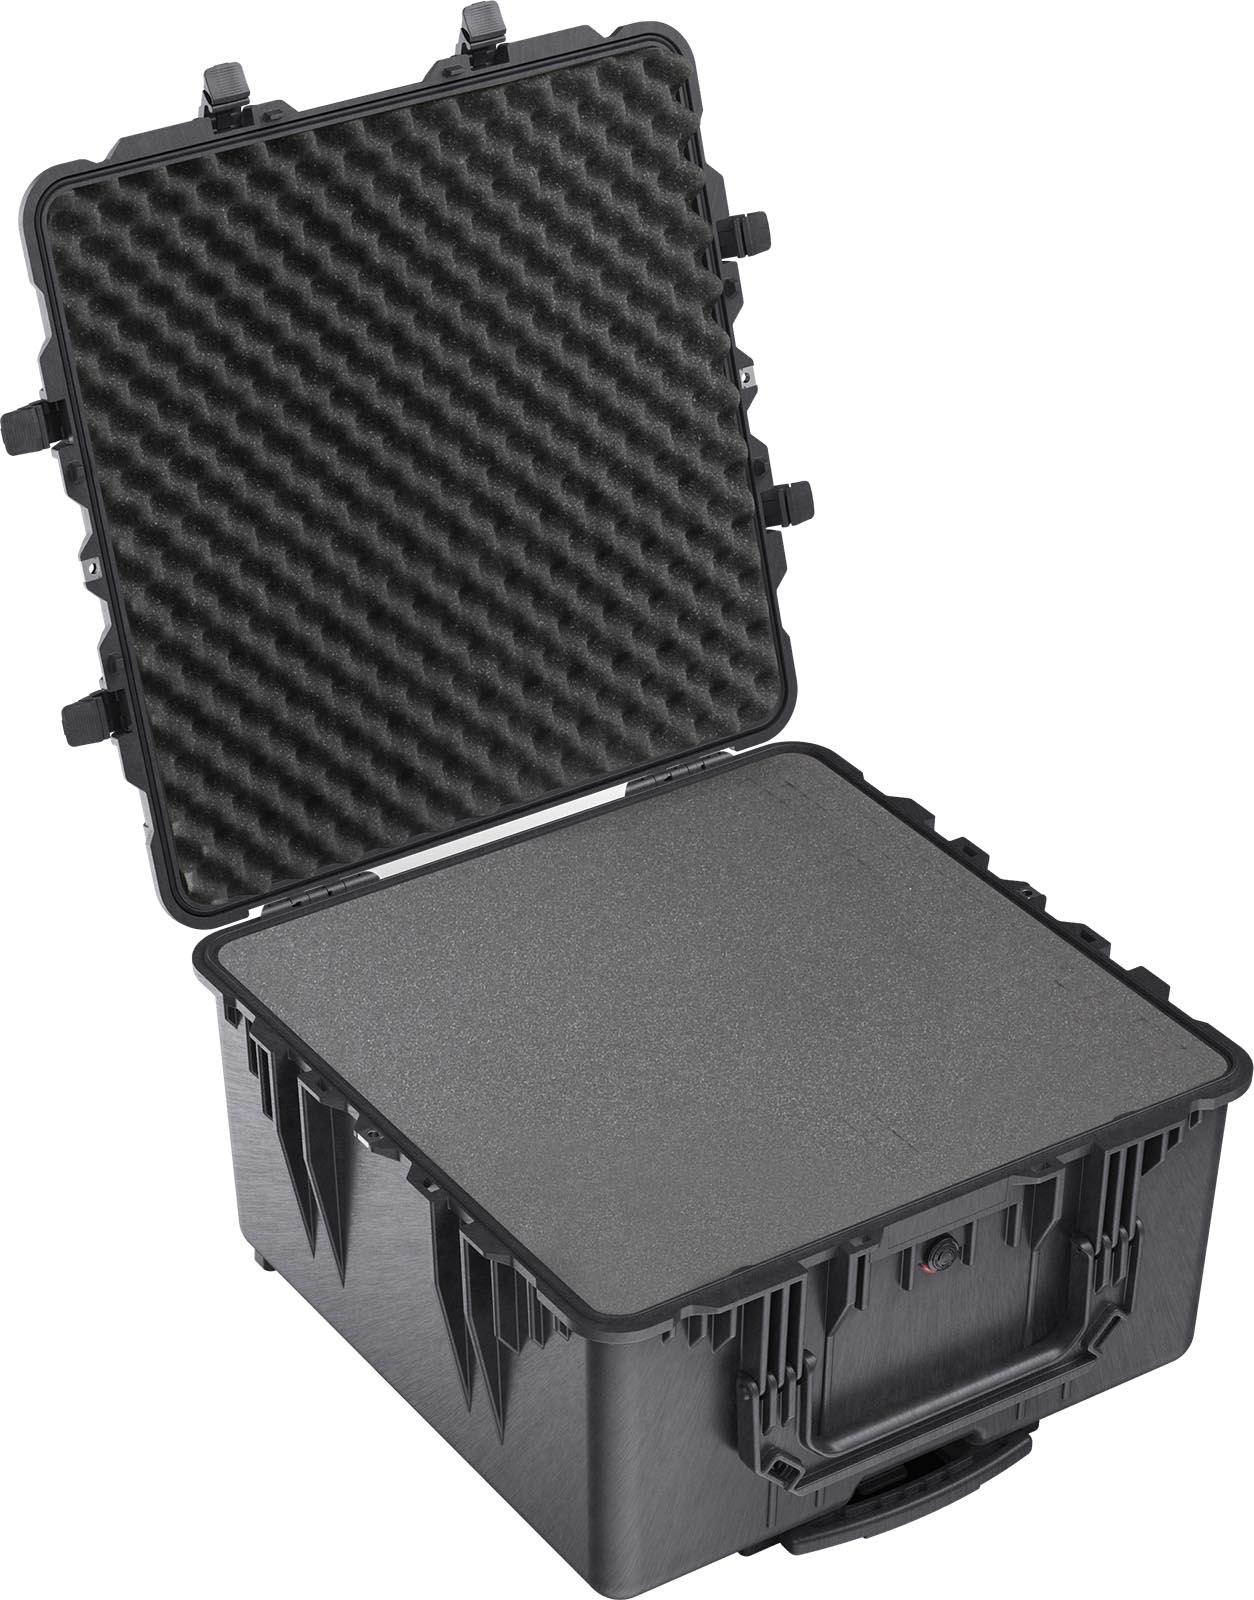 pelican 1640 camera av mixer case